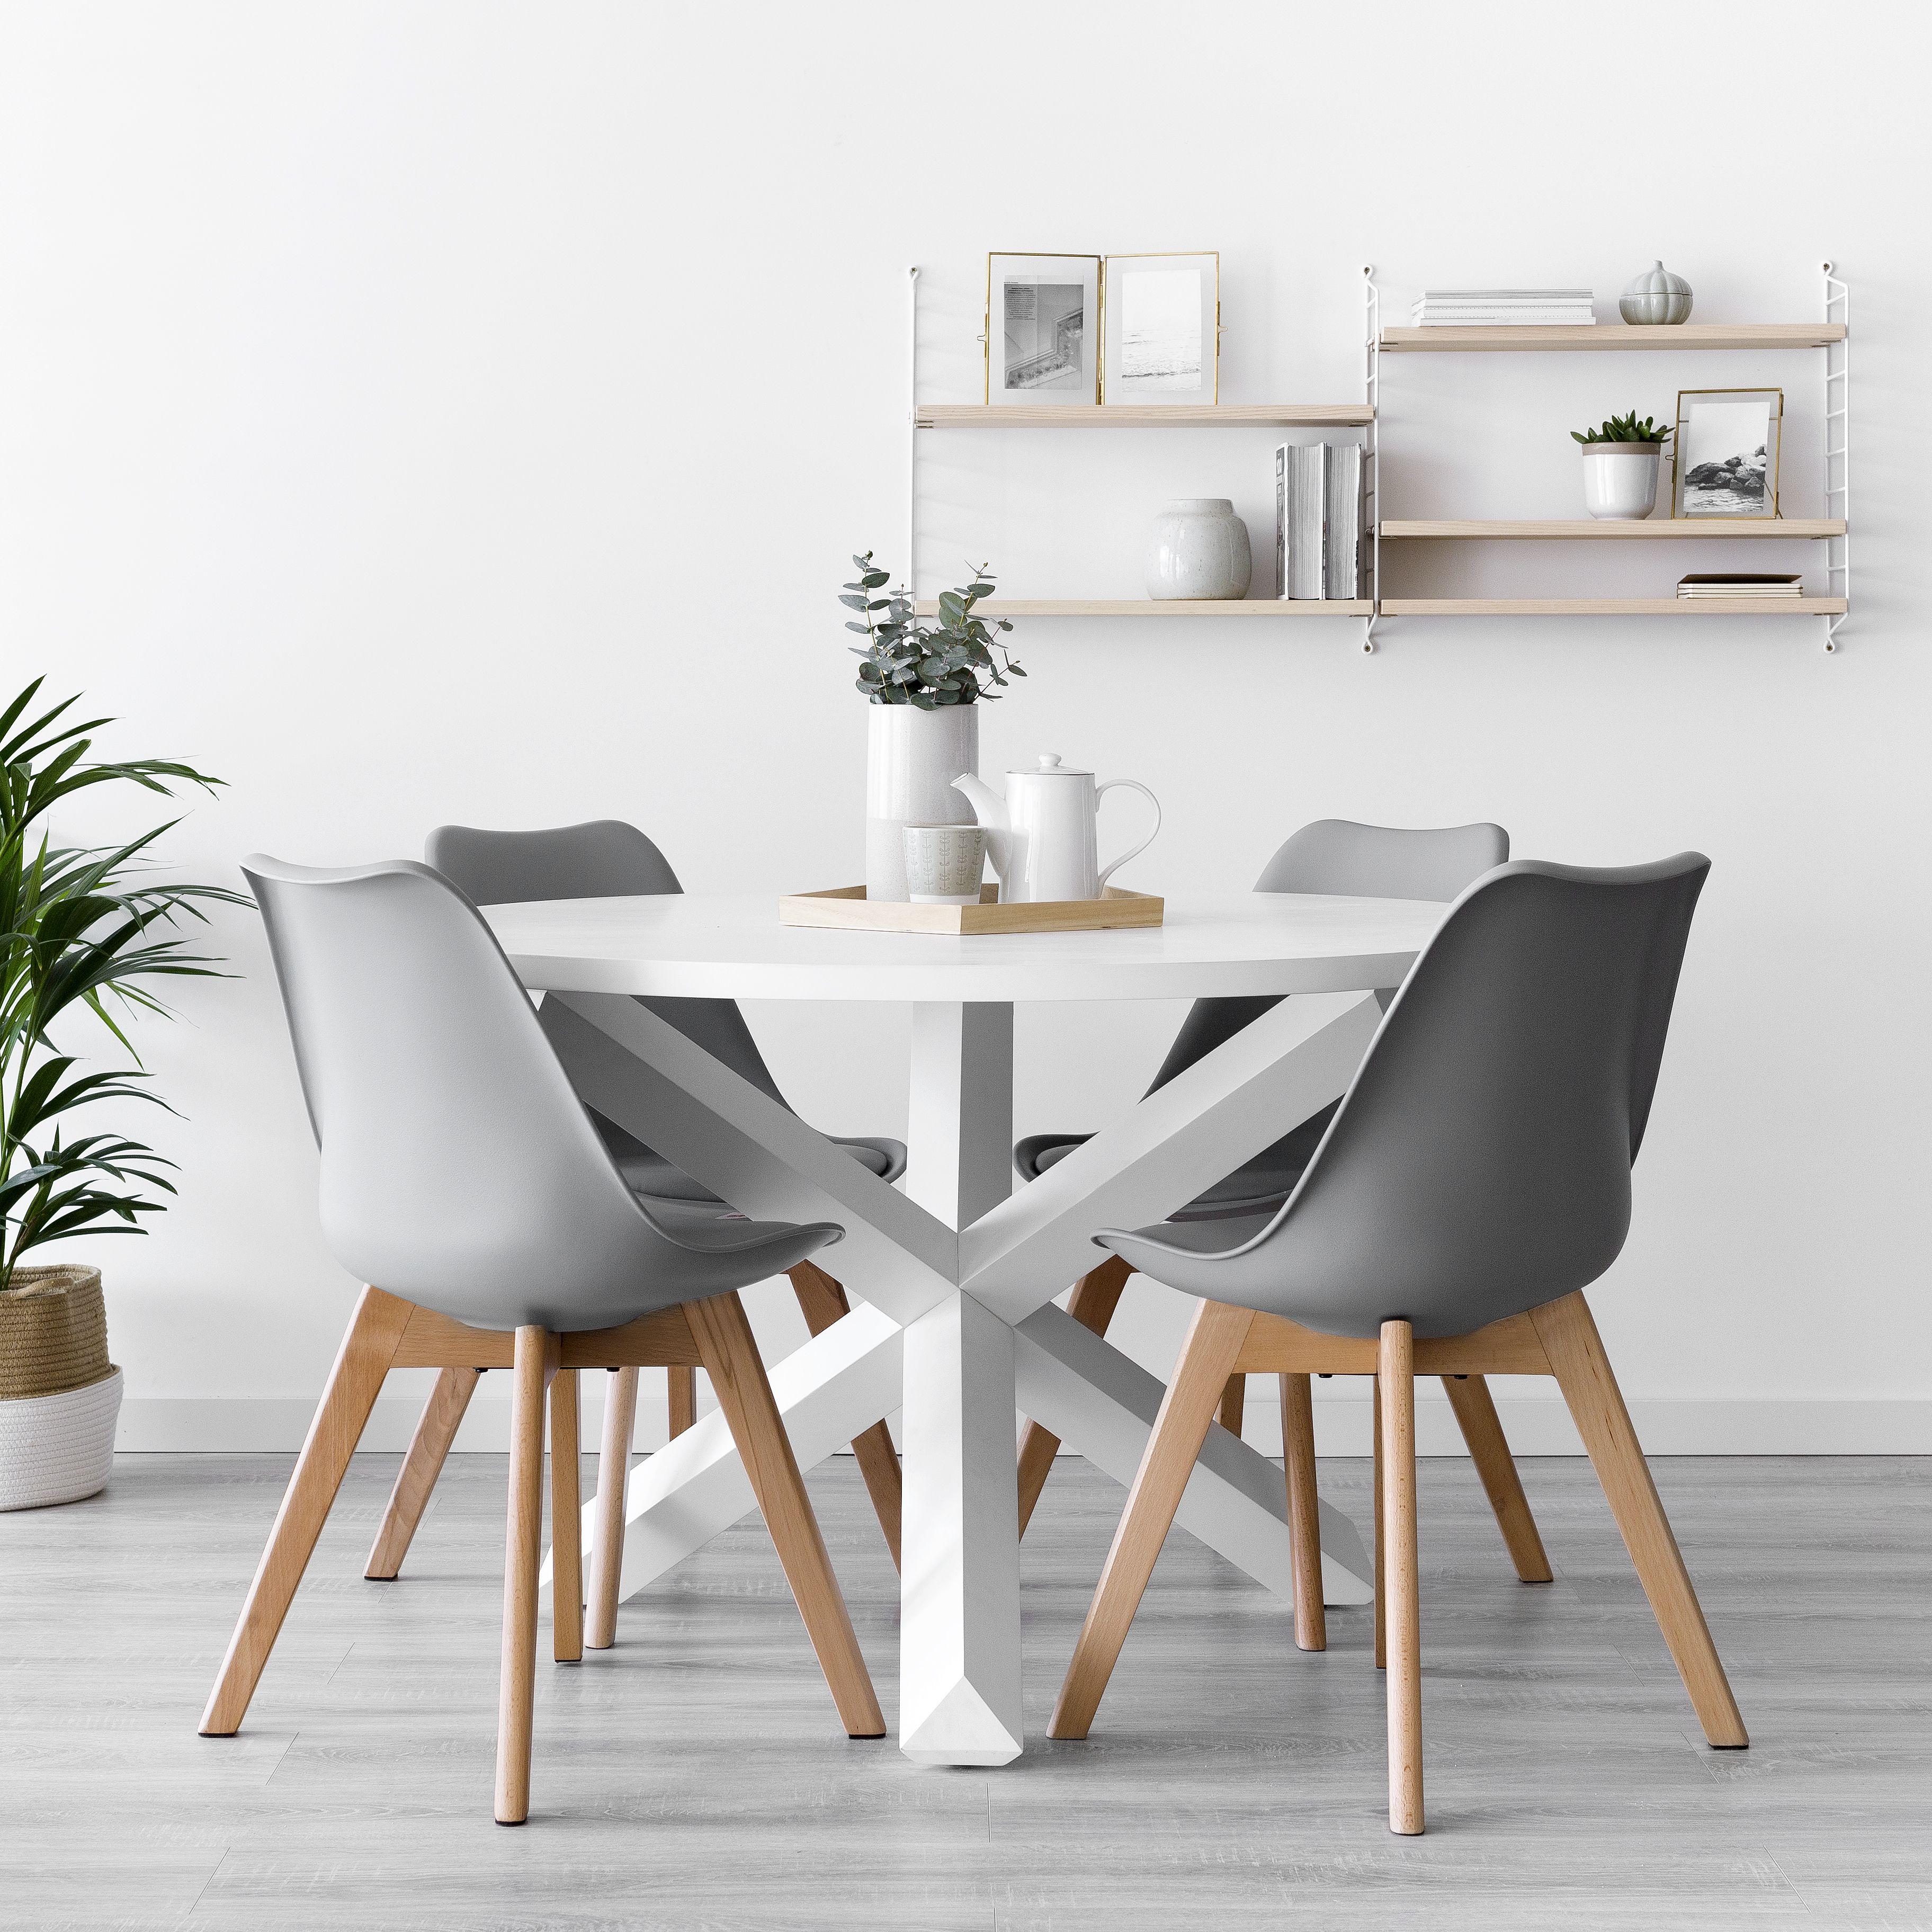 mesa blanca redonda silla gris